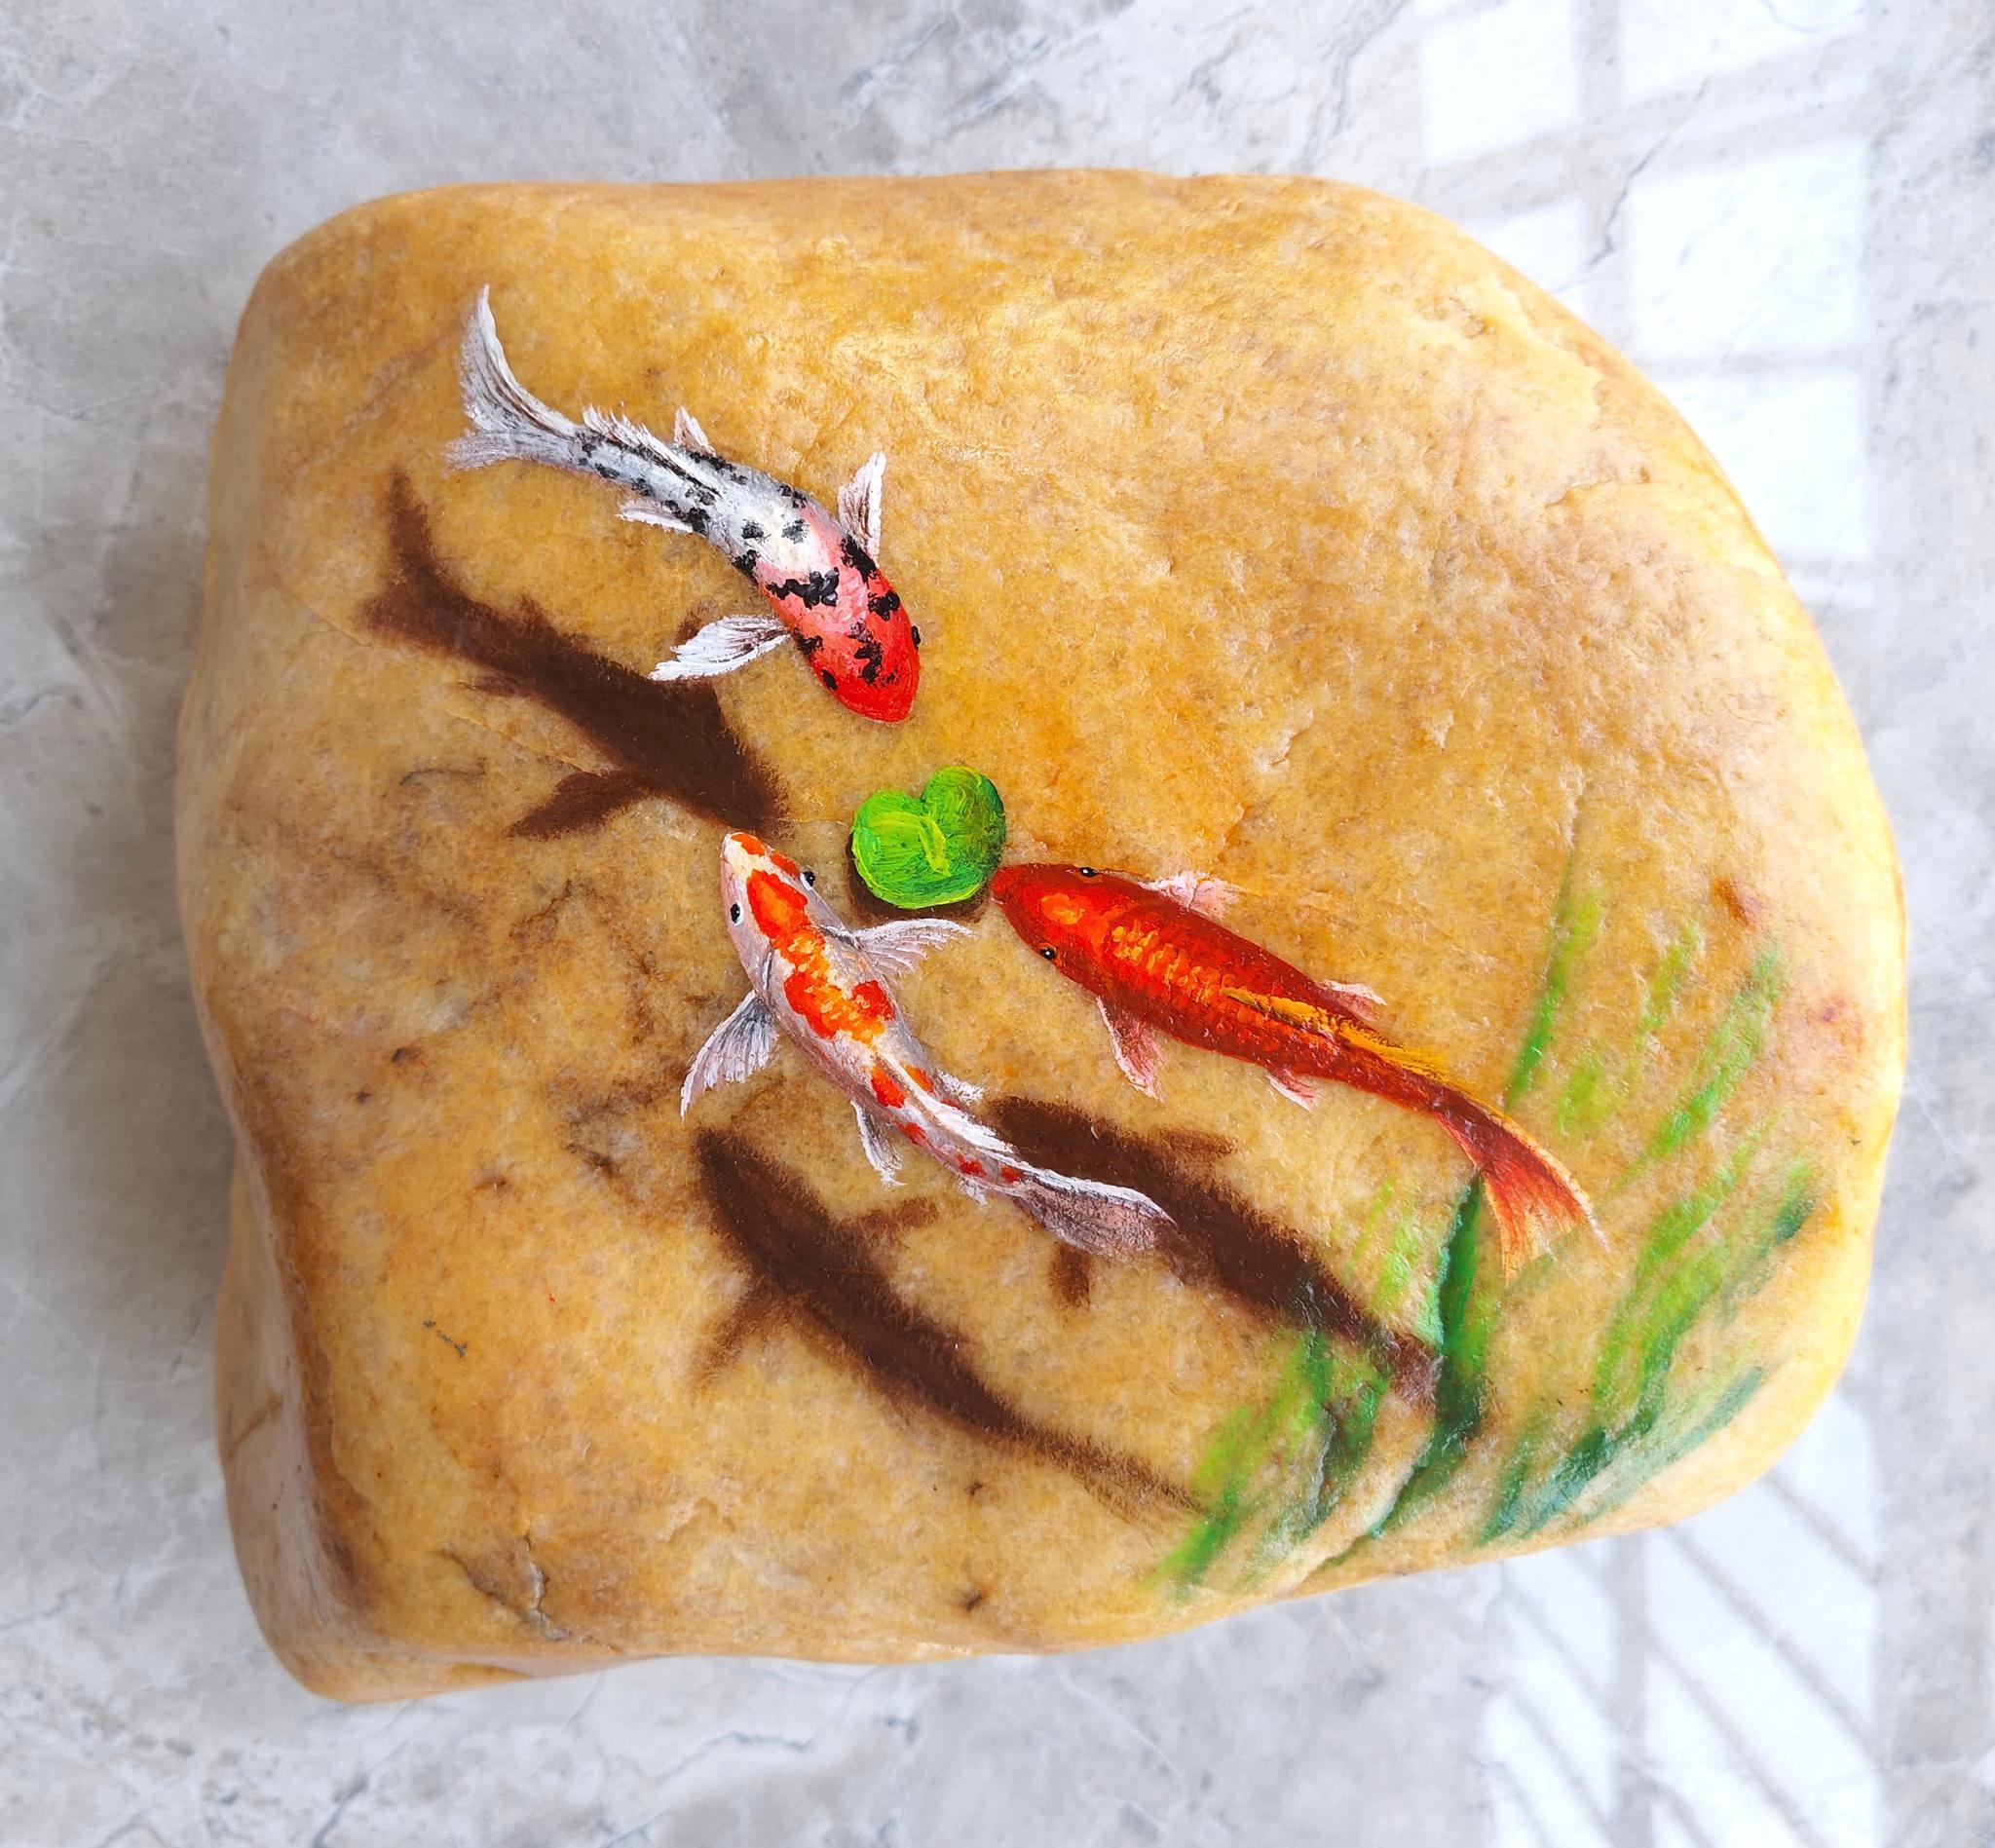 我的锦鲤油画石头画好了,一块普通的石头,经过艺术创作